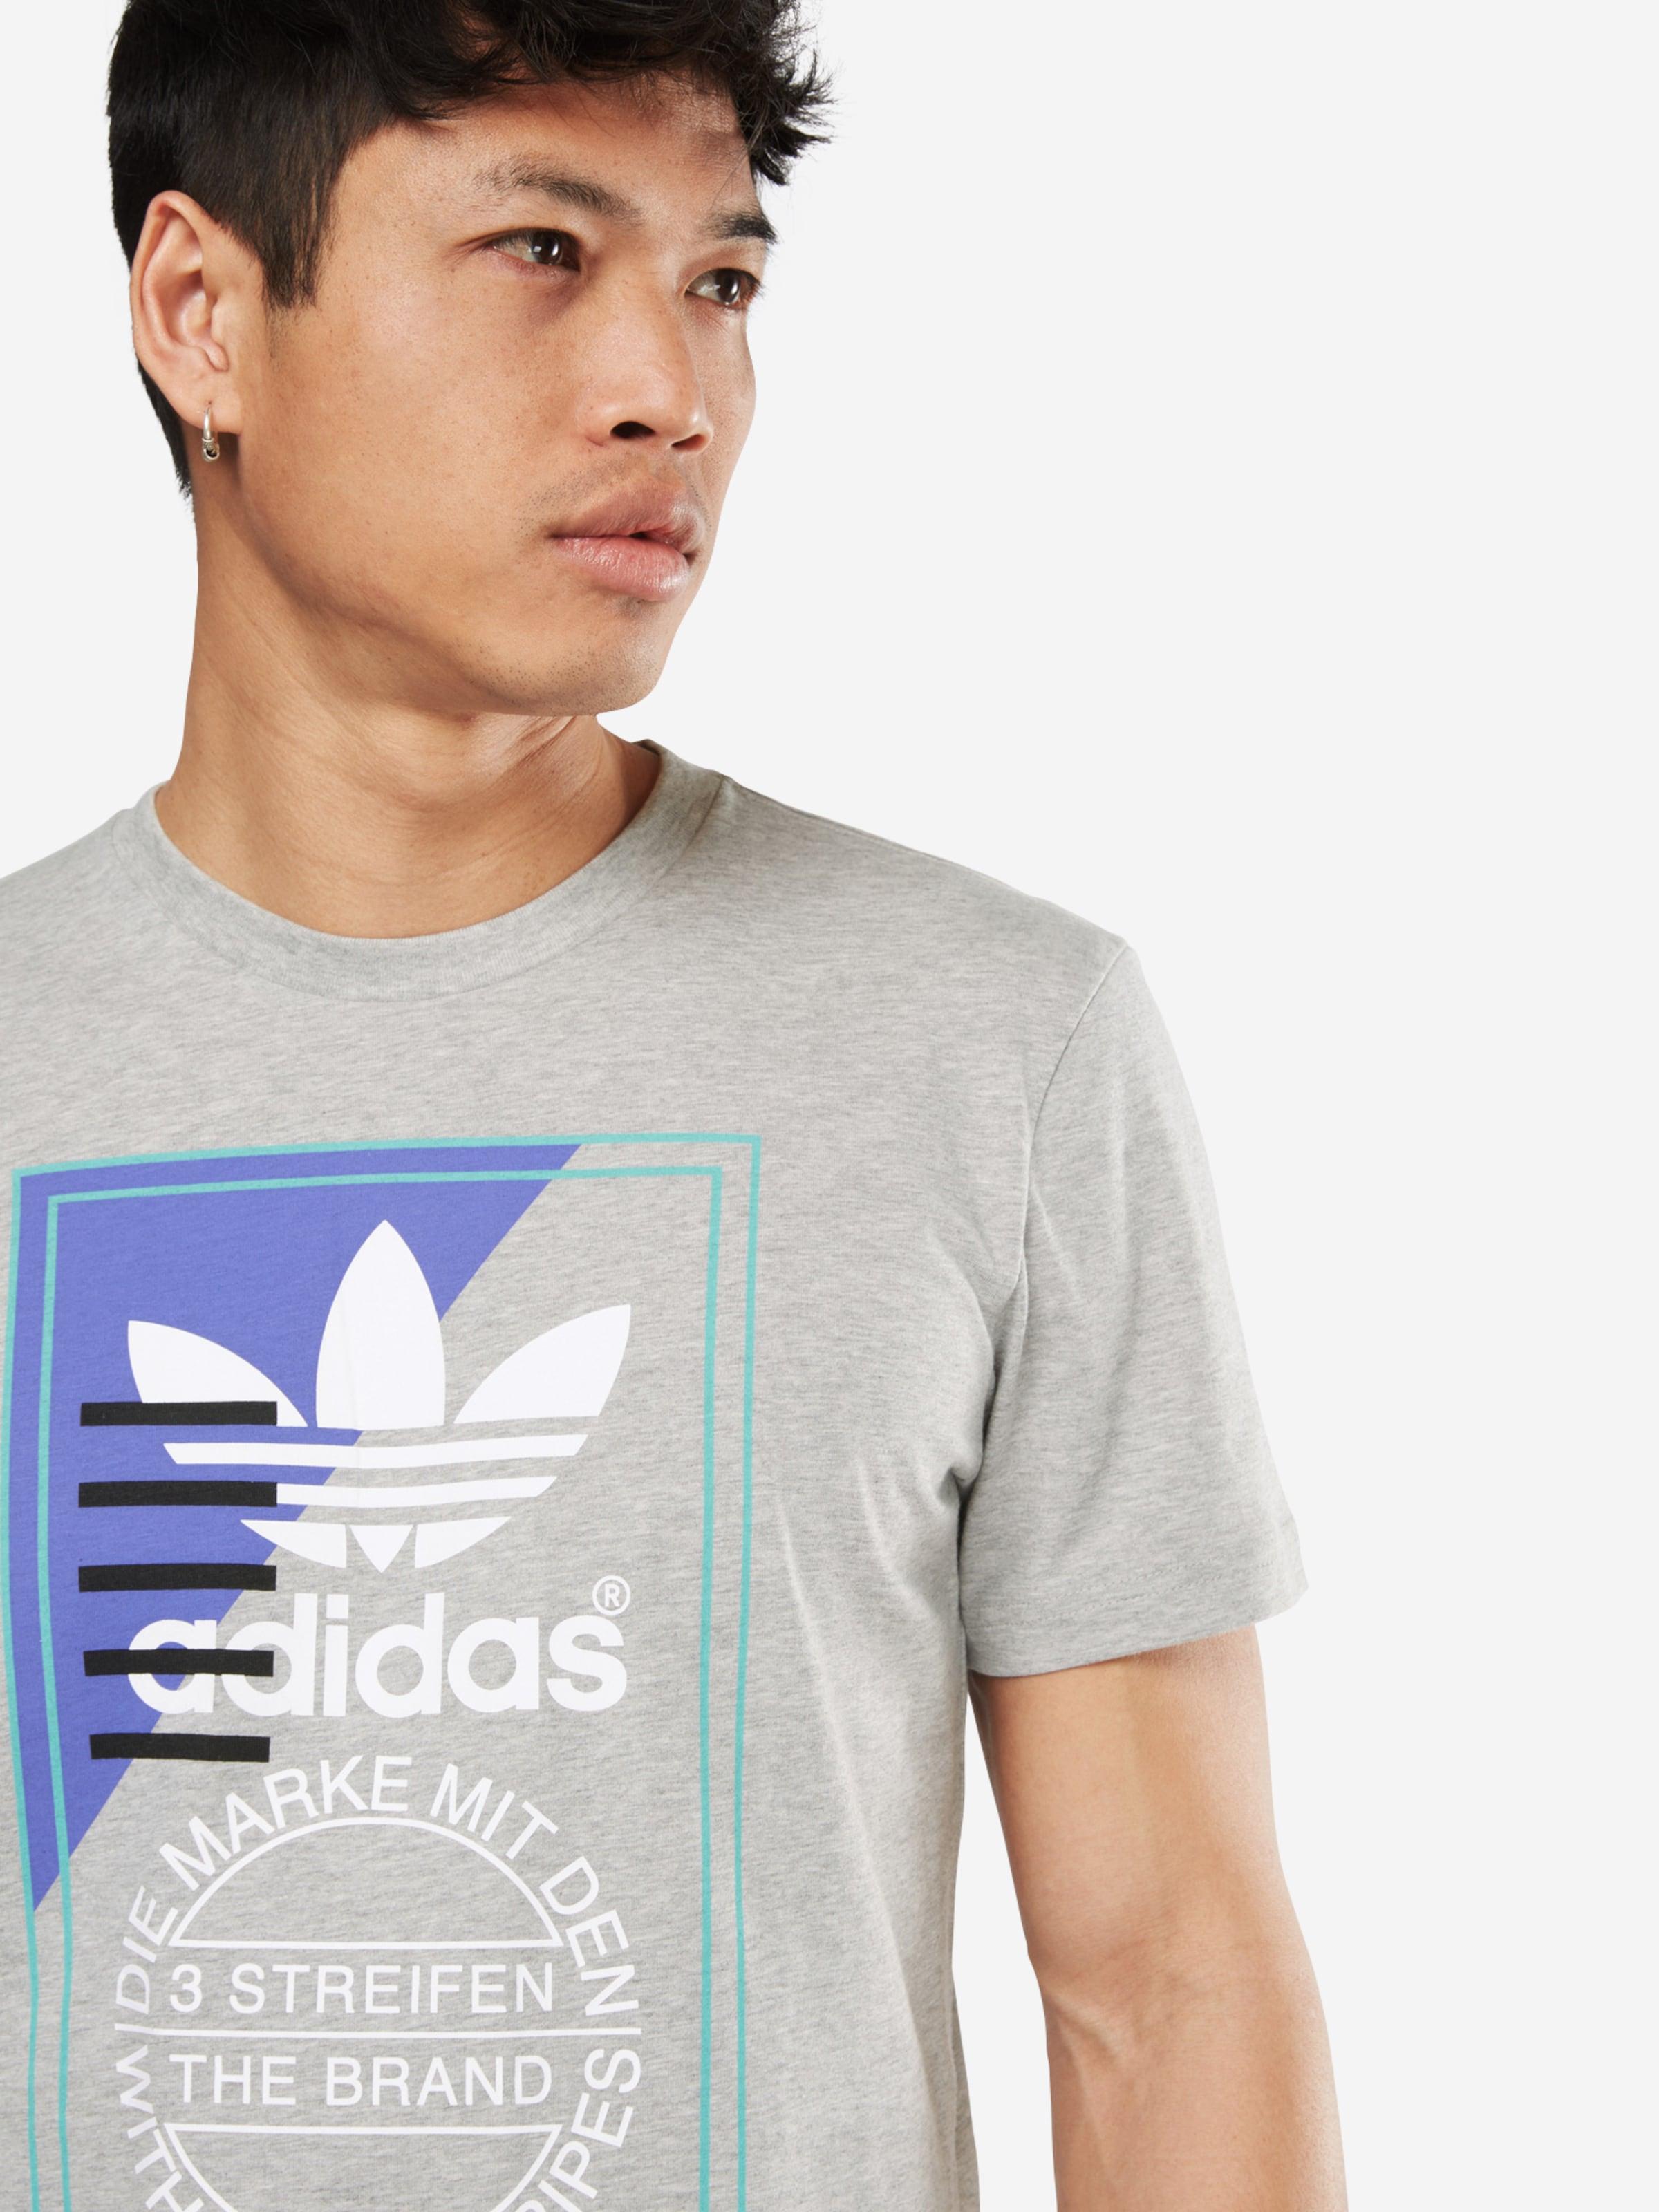 ADIDAS ORIGINALS T-Shirt 'Tongue Label 2' Neueste Online Bester Ort Zu Kaufen Günstige Rabatte Spielraum Countdown-Paket Wiki dg5BF7YqUZ